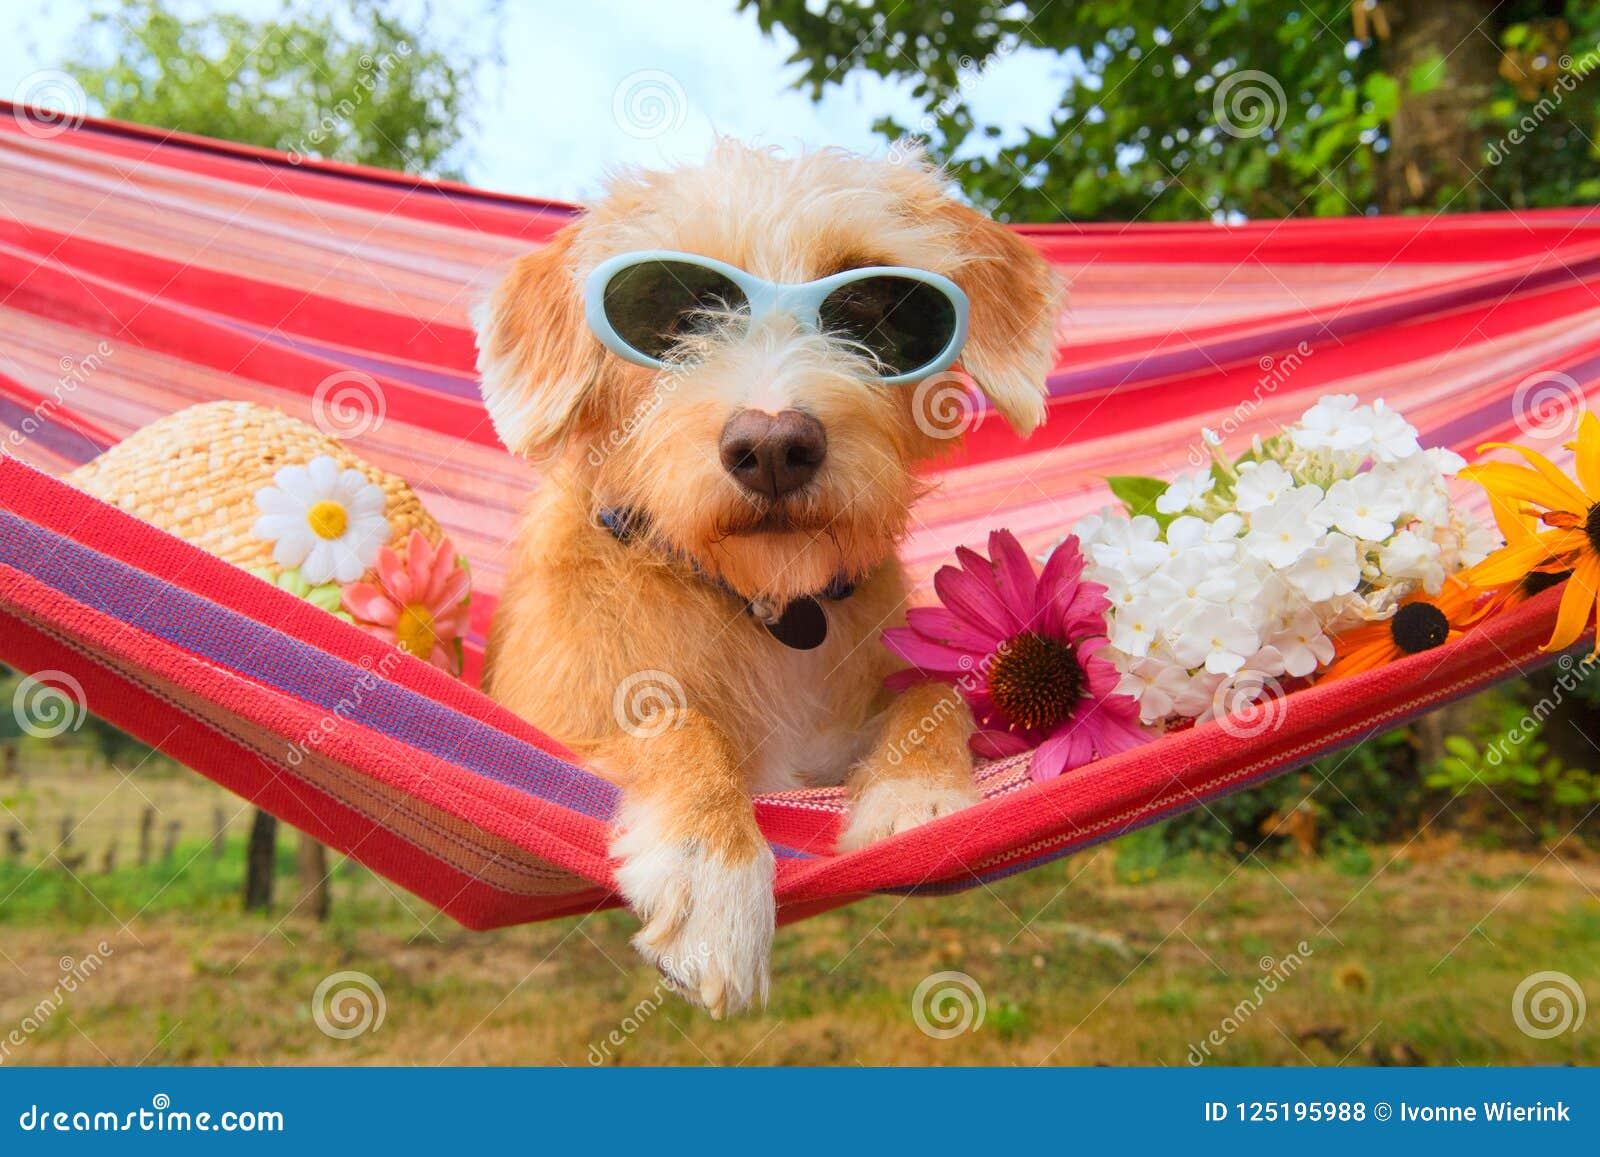 Piccolo cane divertente sulla vacanza in amaca